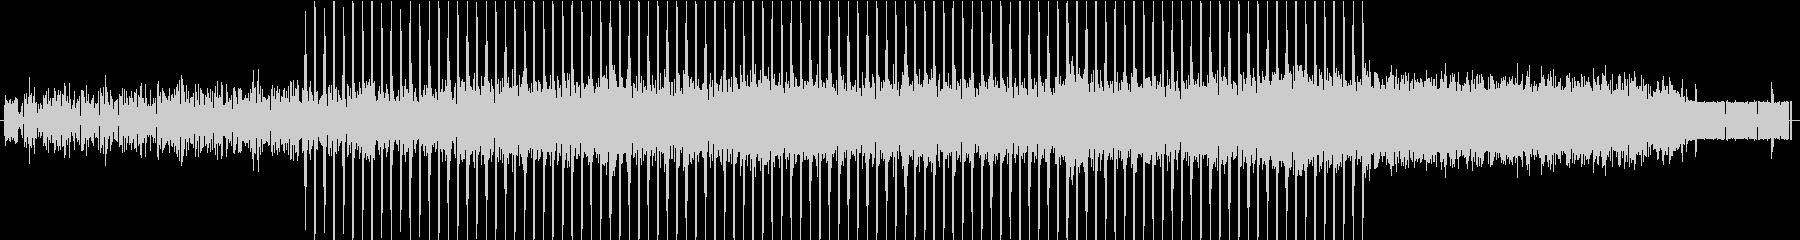 ちょっと切ない科学的なイメージの曲 SFの未再生の波形